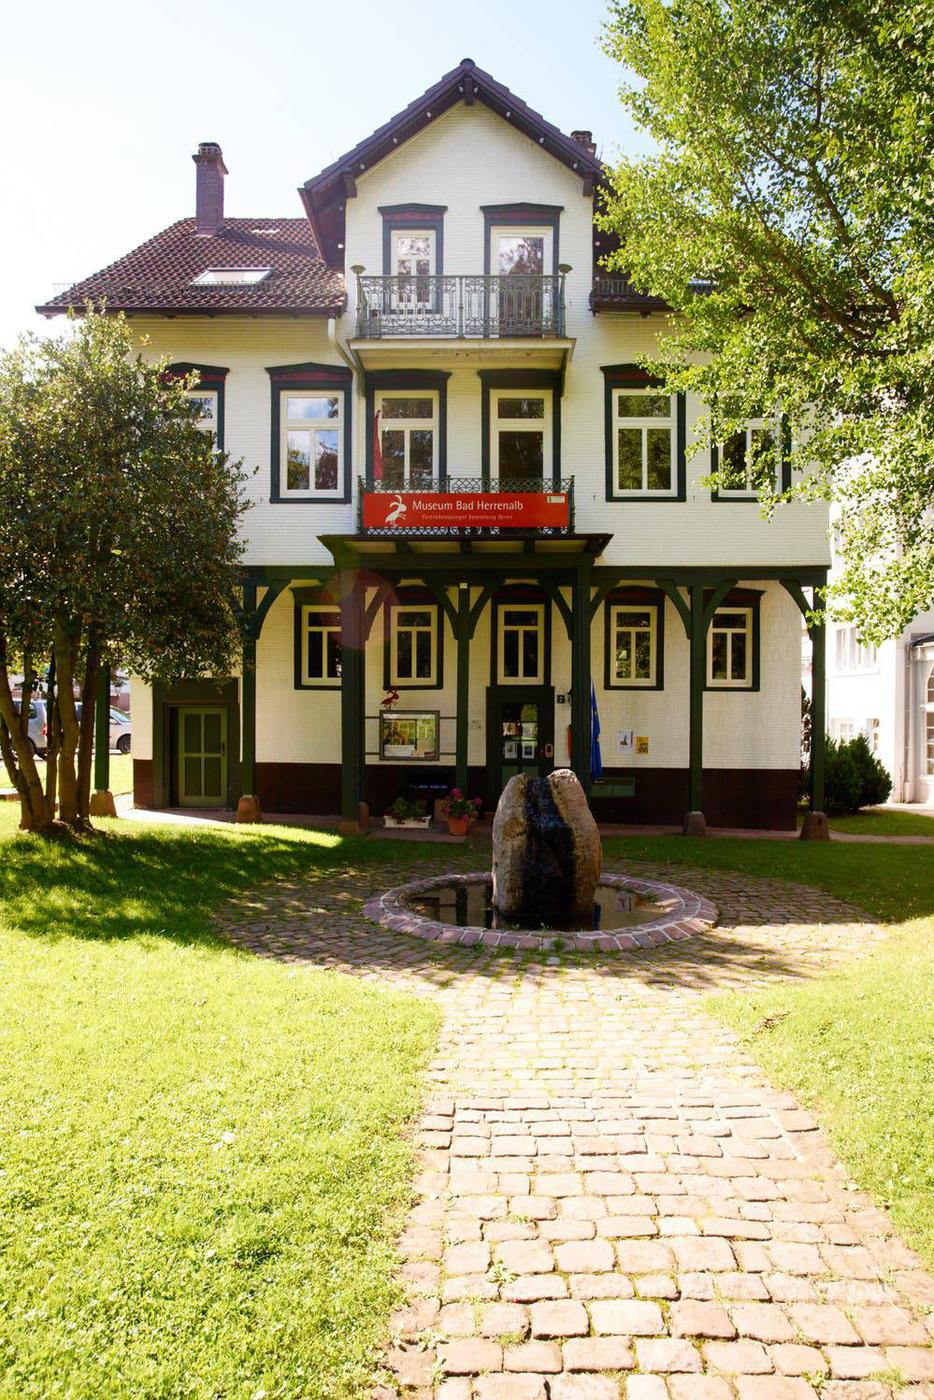 Ziegelmuseum in Bad Herenalber im Klosterbezirk